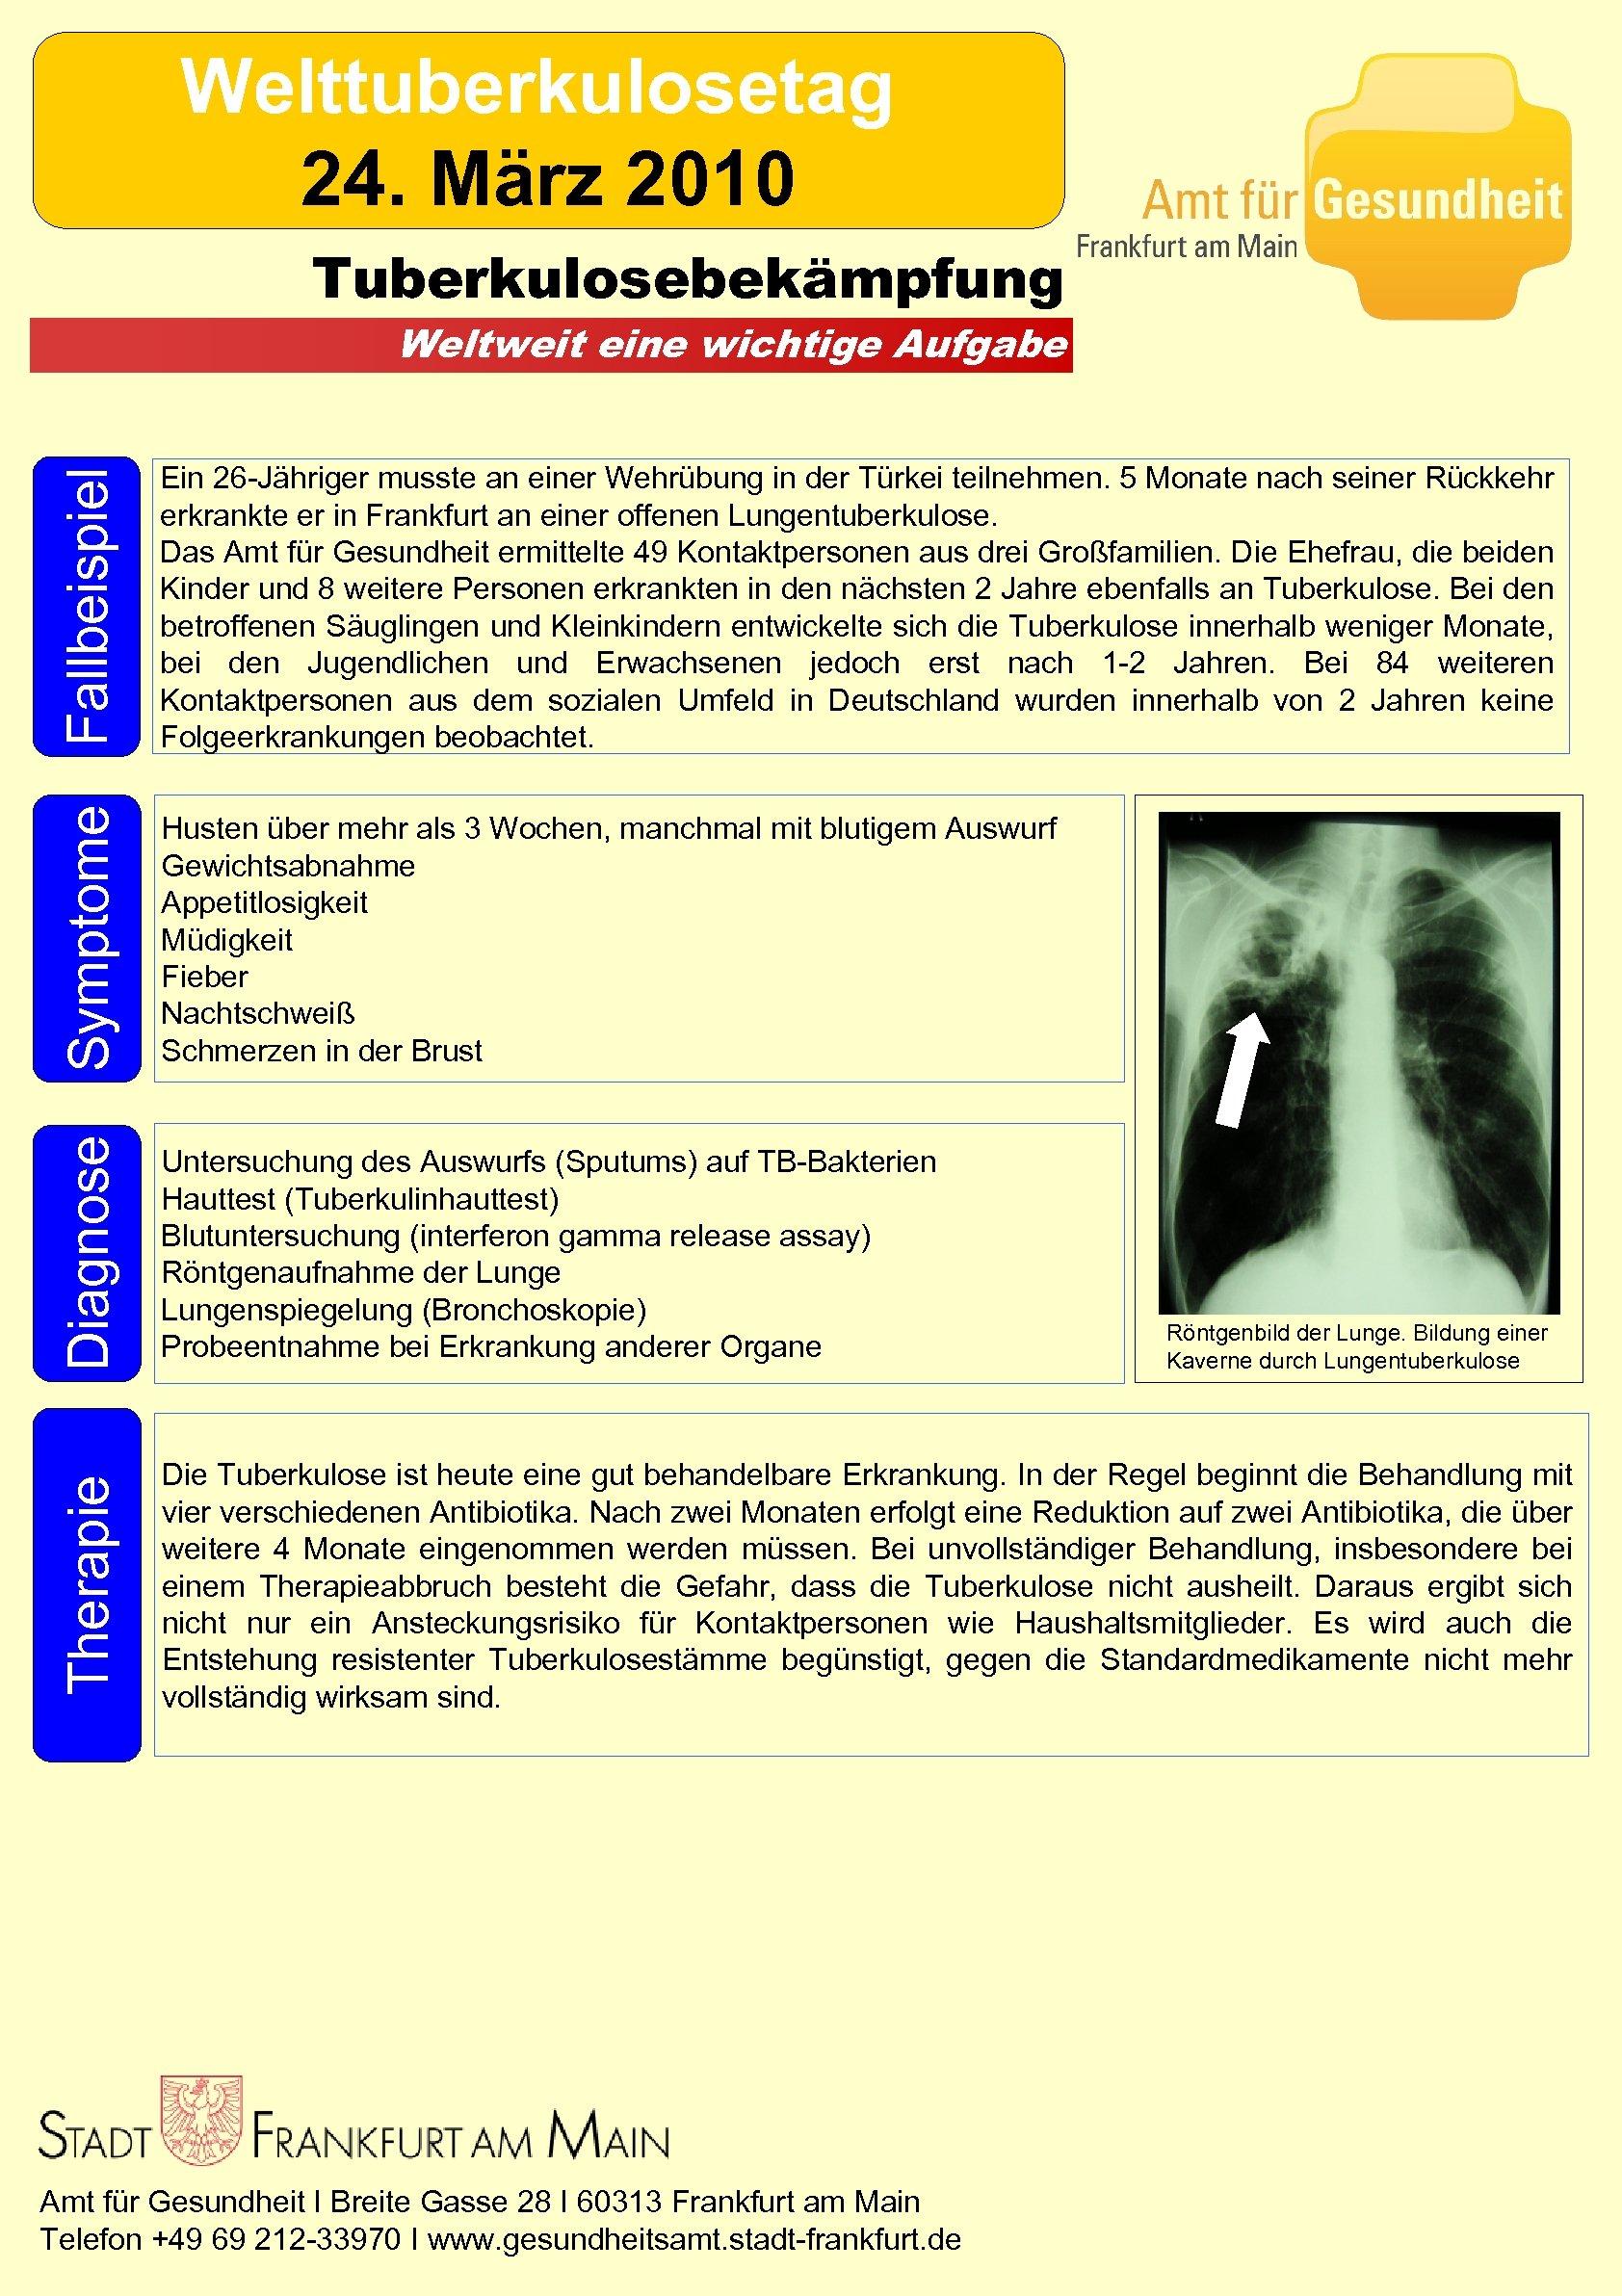 Welttuberkulosetag 24. März 2010 Tuberkulosebekämpfung Fallbeispiel Ein 26 -Jähriger musste an einer Wehrübung in